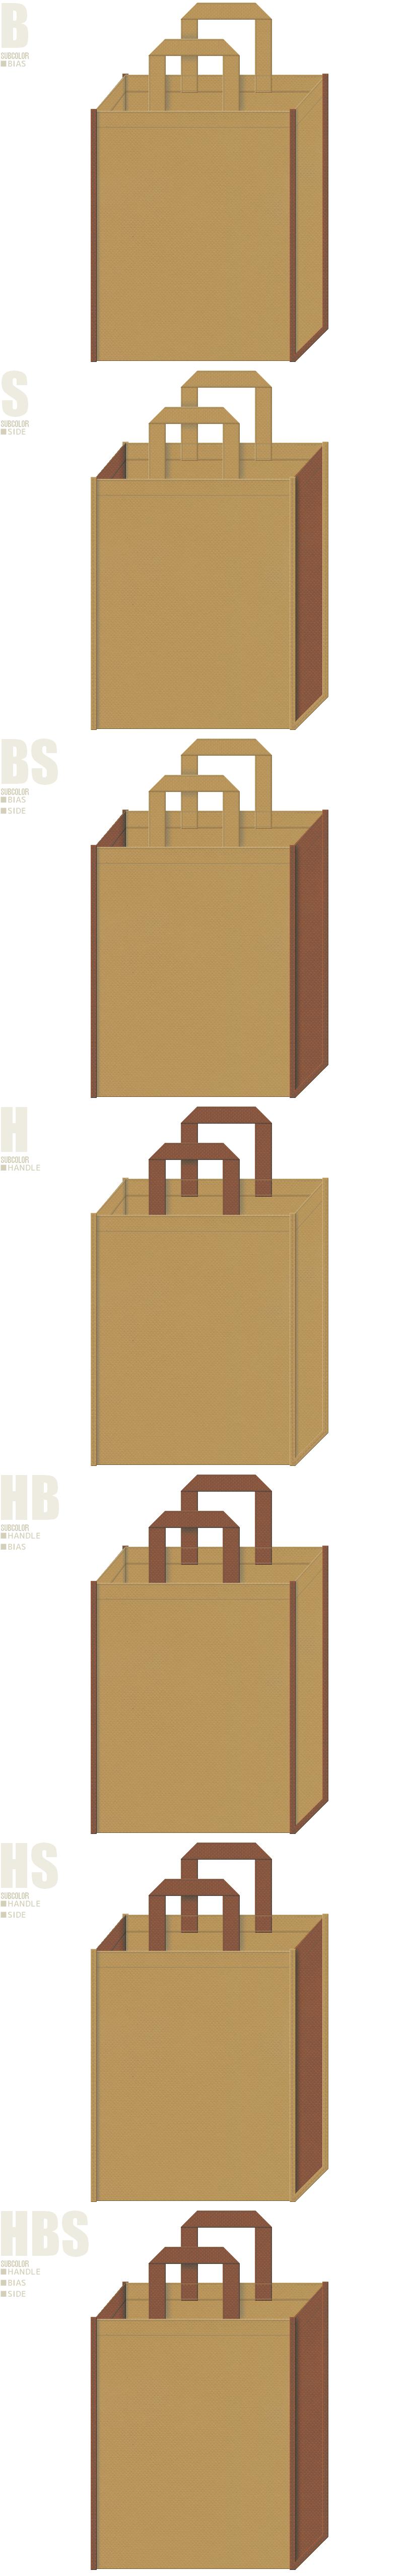 恐竜・化石・原始時代・マンモスのイメージにお奨めの不織布バッグデザイン:金黄土色と茶色の不織布バッグ配色7パターン。